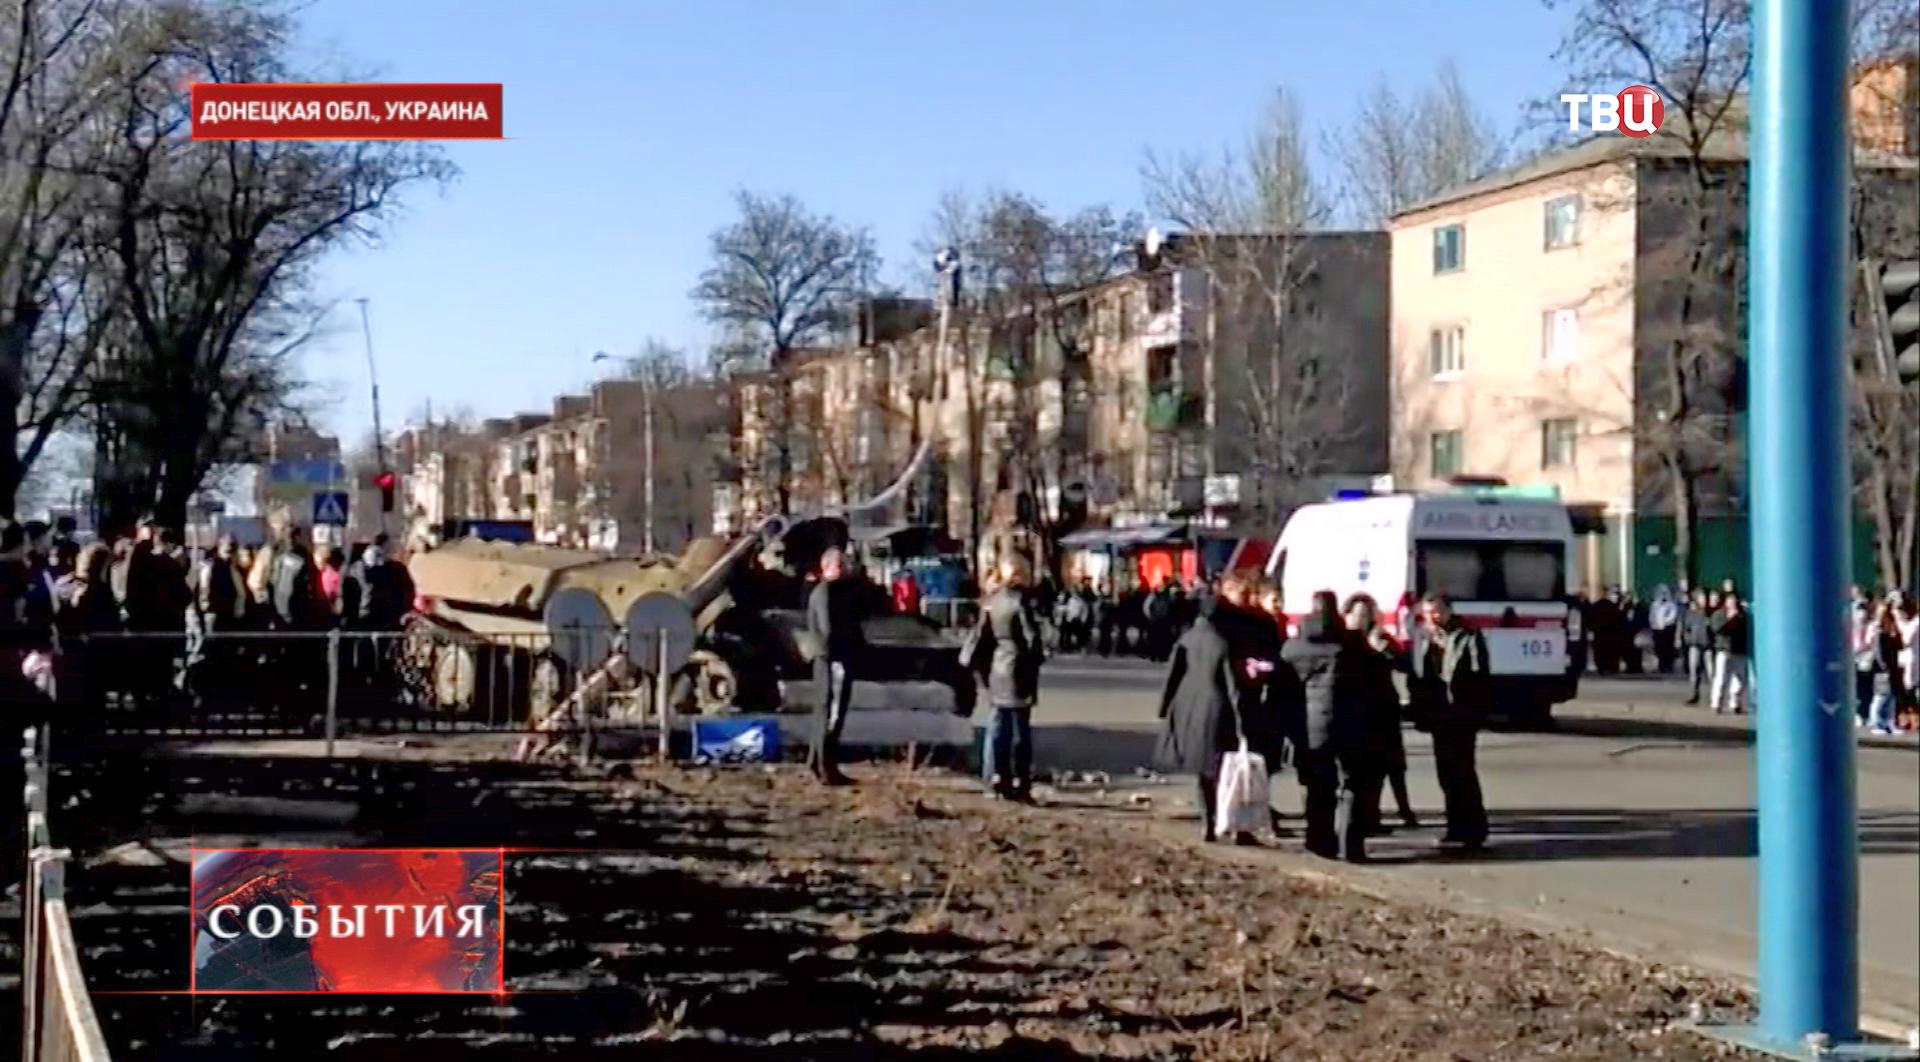 На месте ДТП с участием БМП в Константиновке